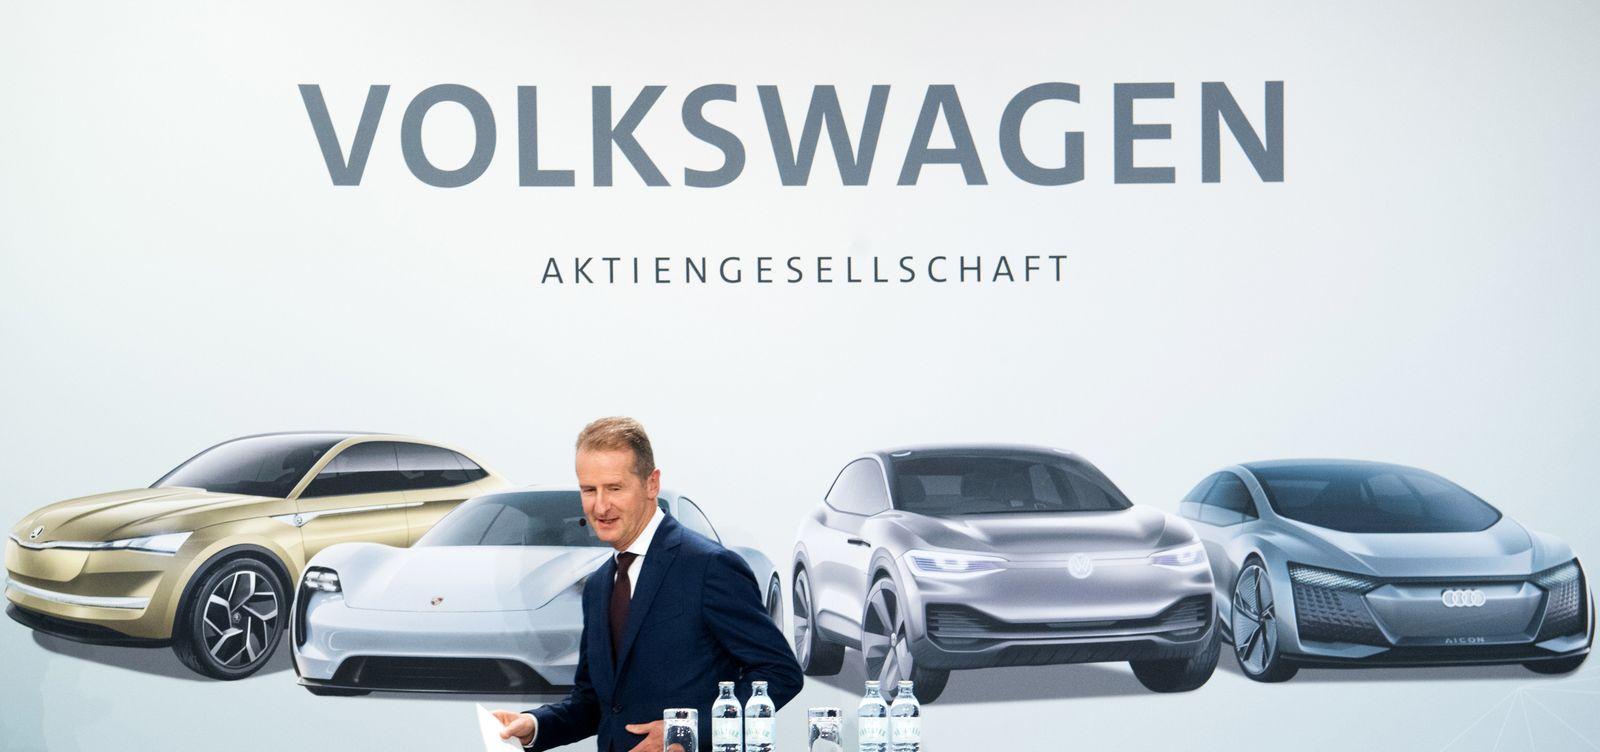 Volkswagen / Herbert Diess